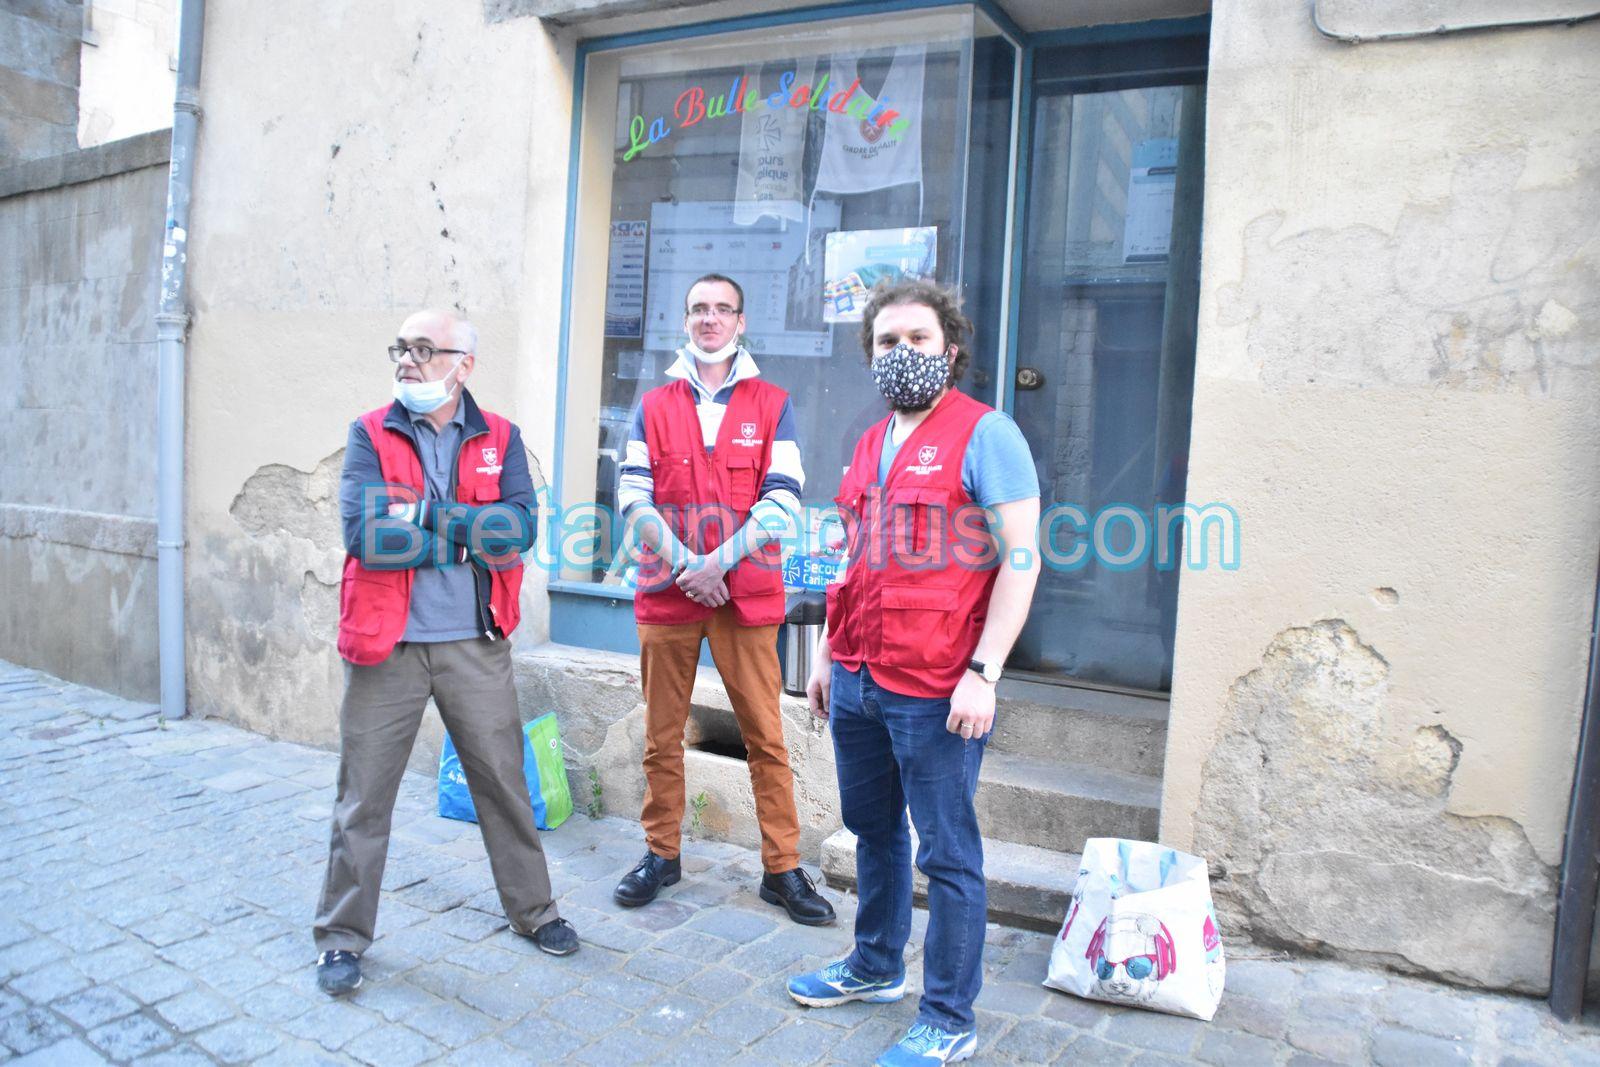 3 bénévoles de l'ordre de malte en station debout